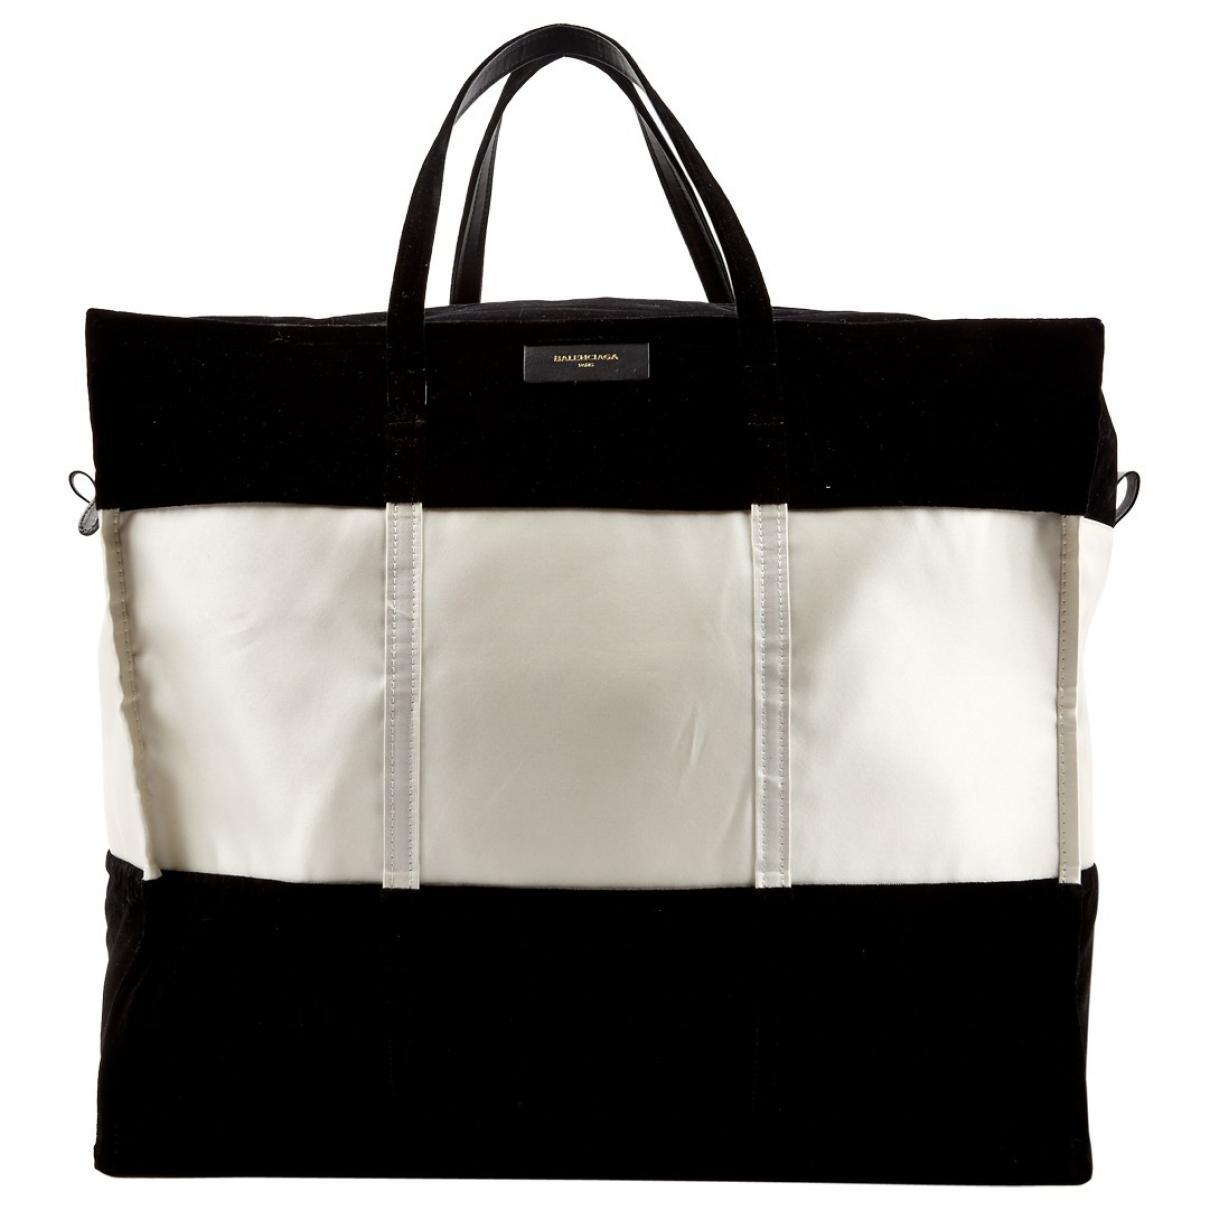 Balenciaga - Sac de voyage Bazar Bag pour femme en velours - noir